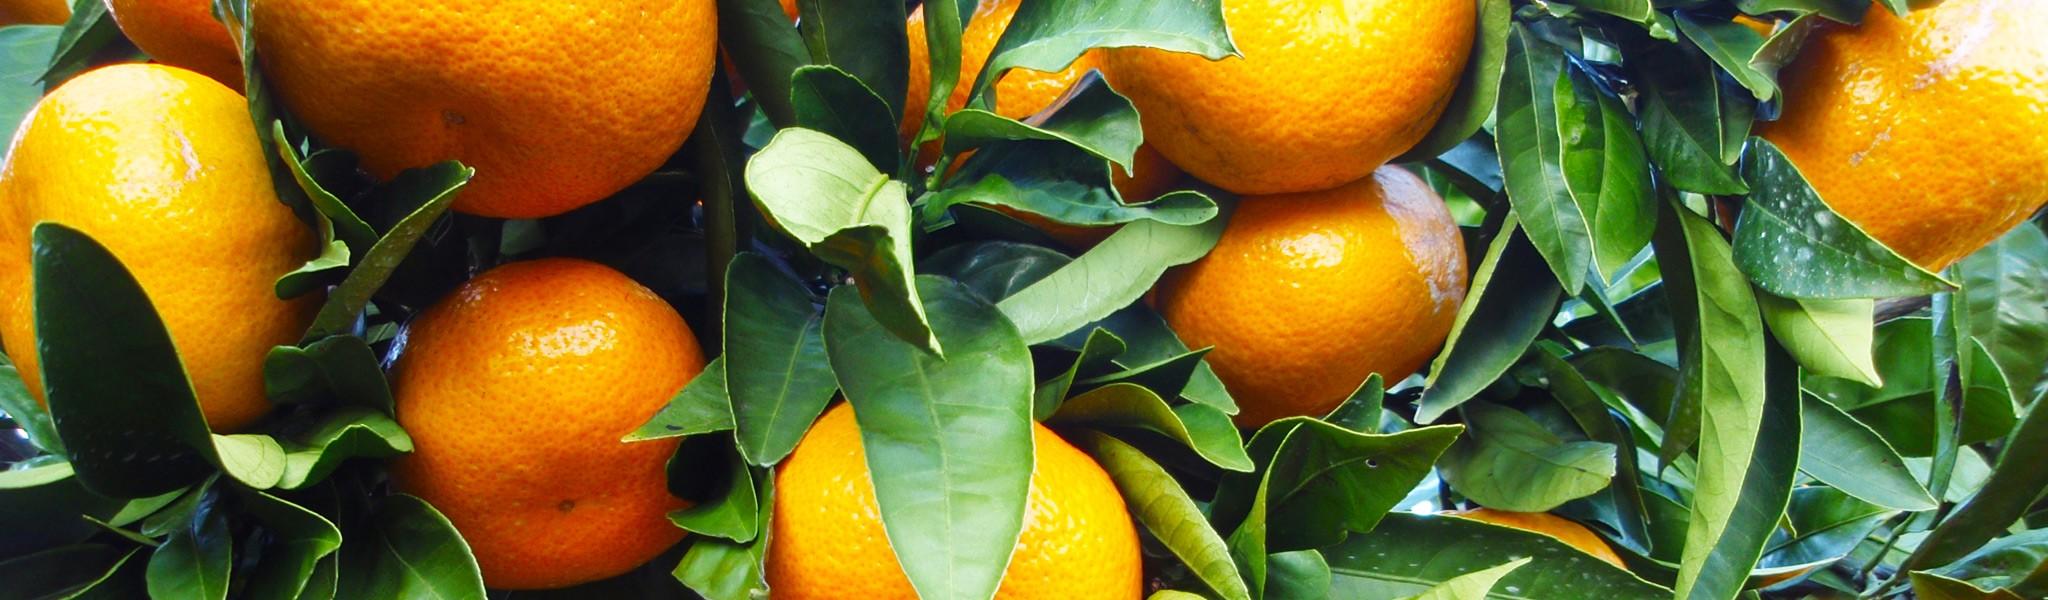 Декоративно-плодовые деревья не только красиво но и полезно